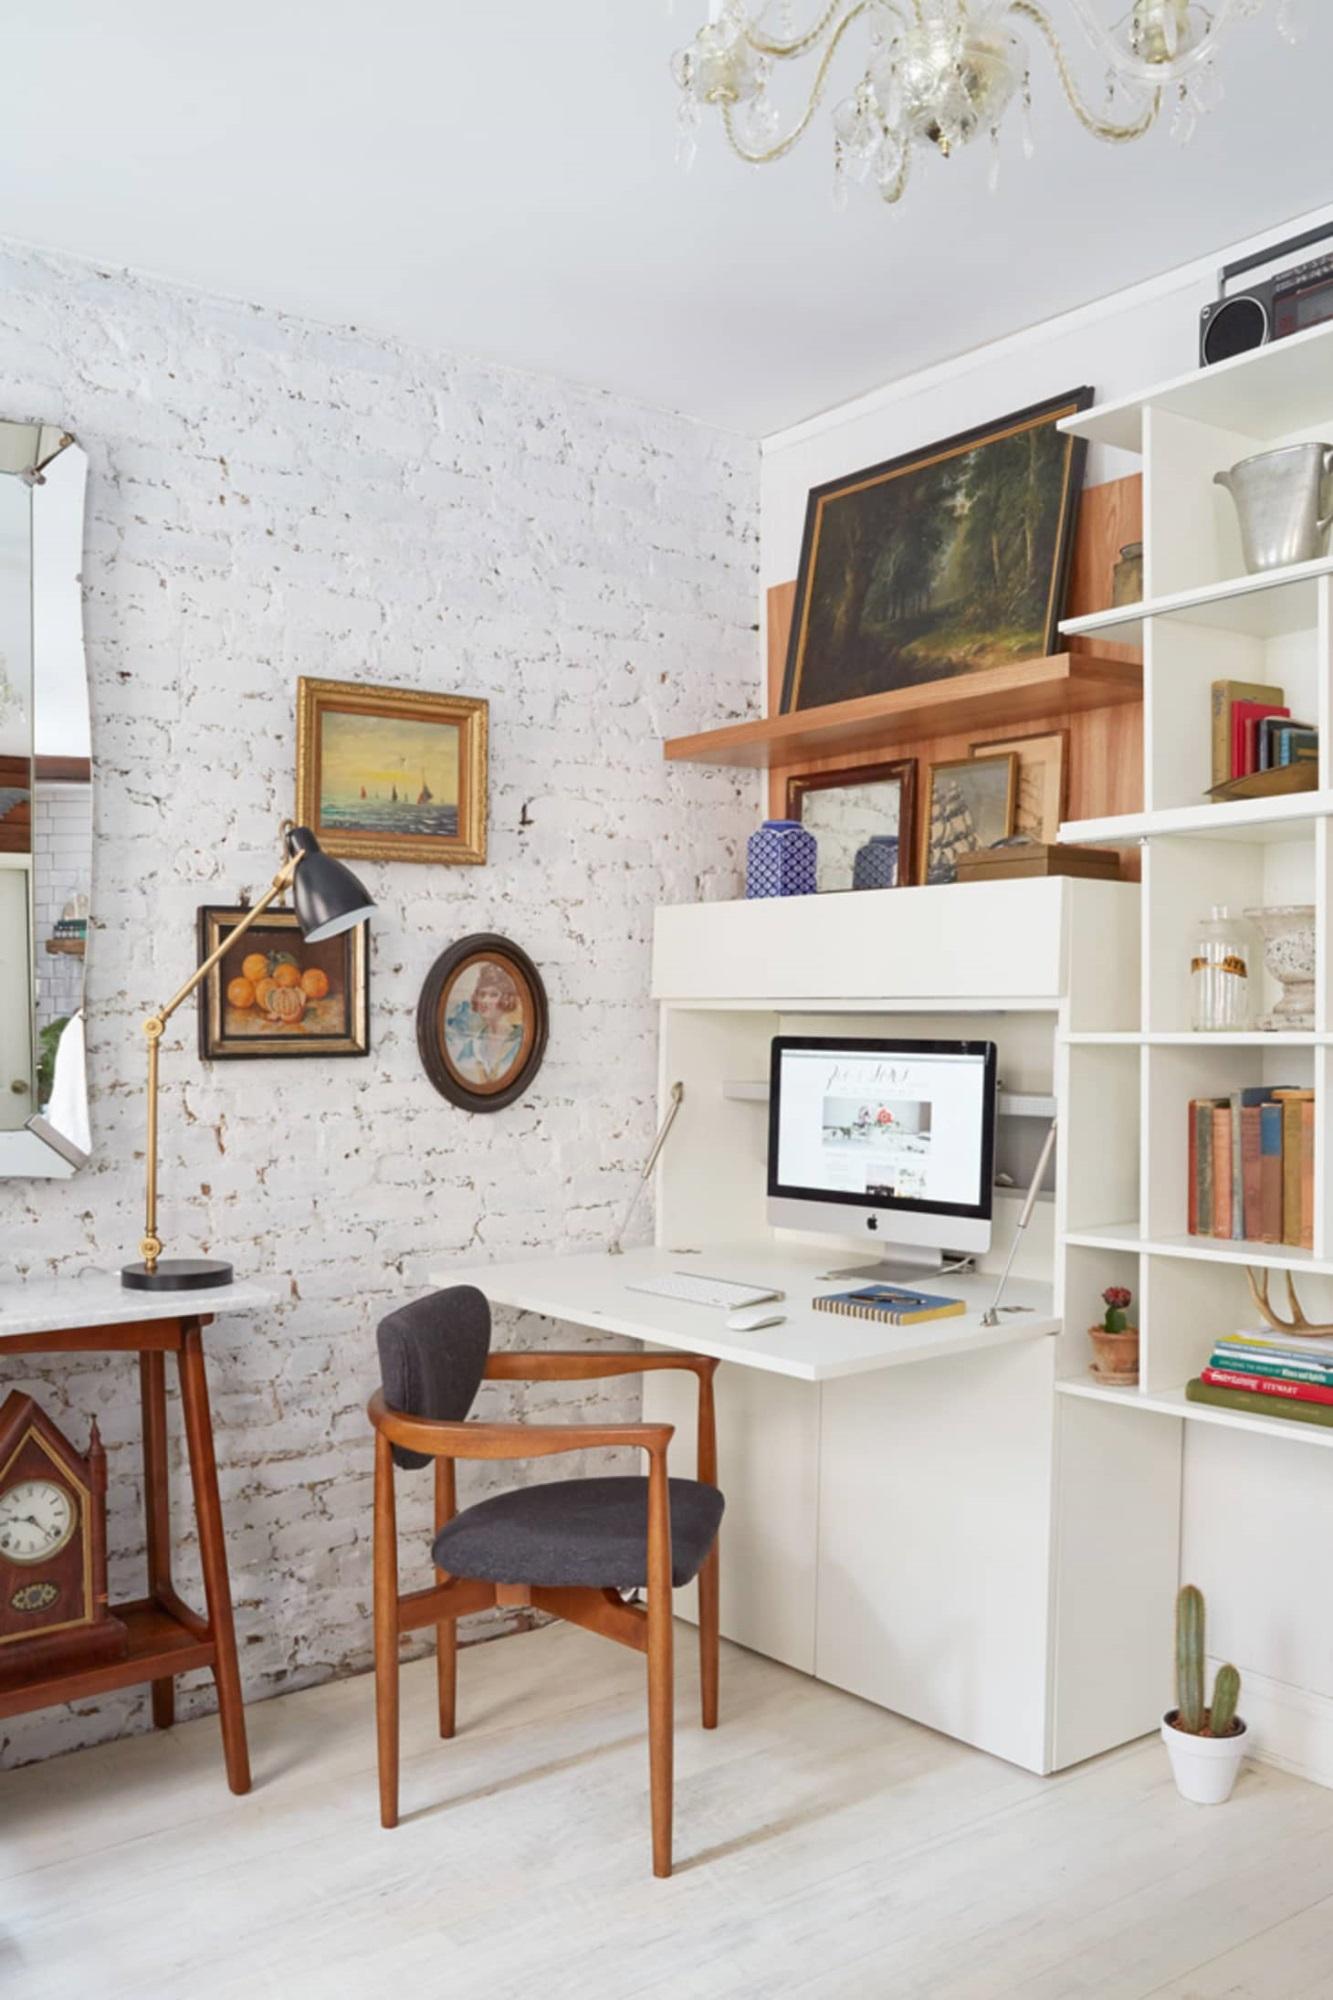 'Tiết lộ' vị trí đặt bàn làm việc tại nhà đem lại nguồn cảm hứng và năng suất lao động - Ảnh 5